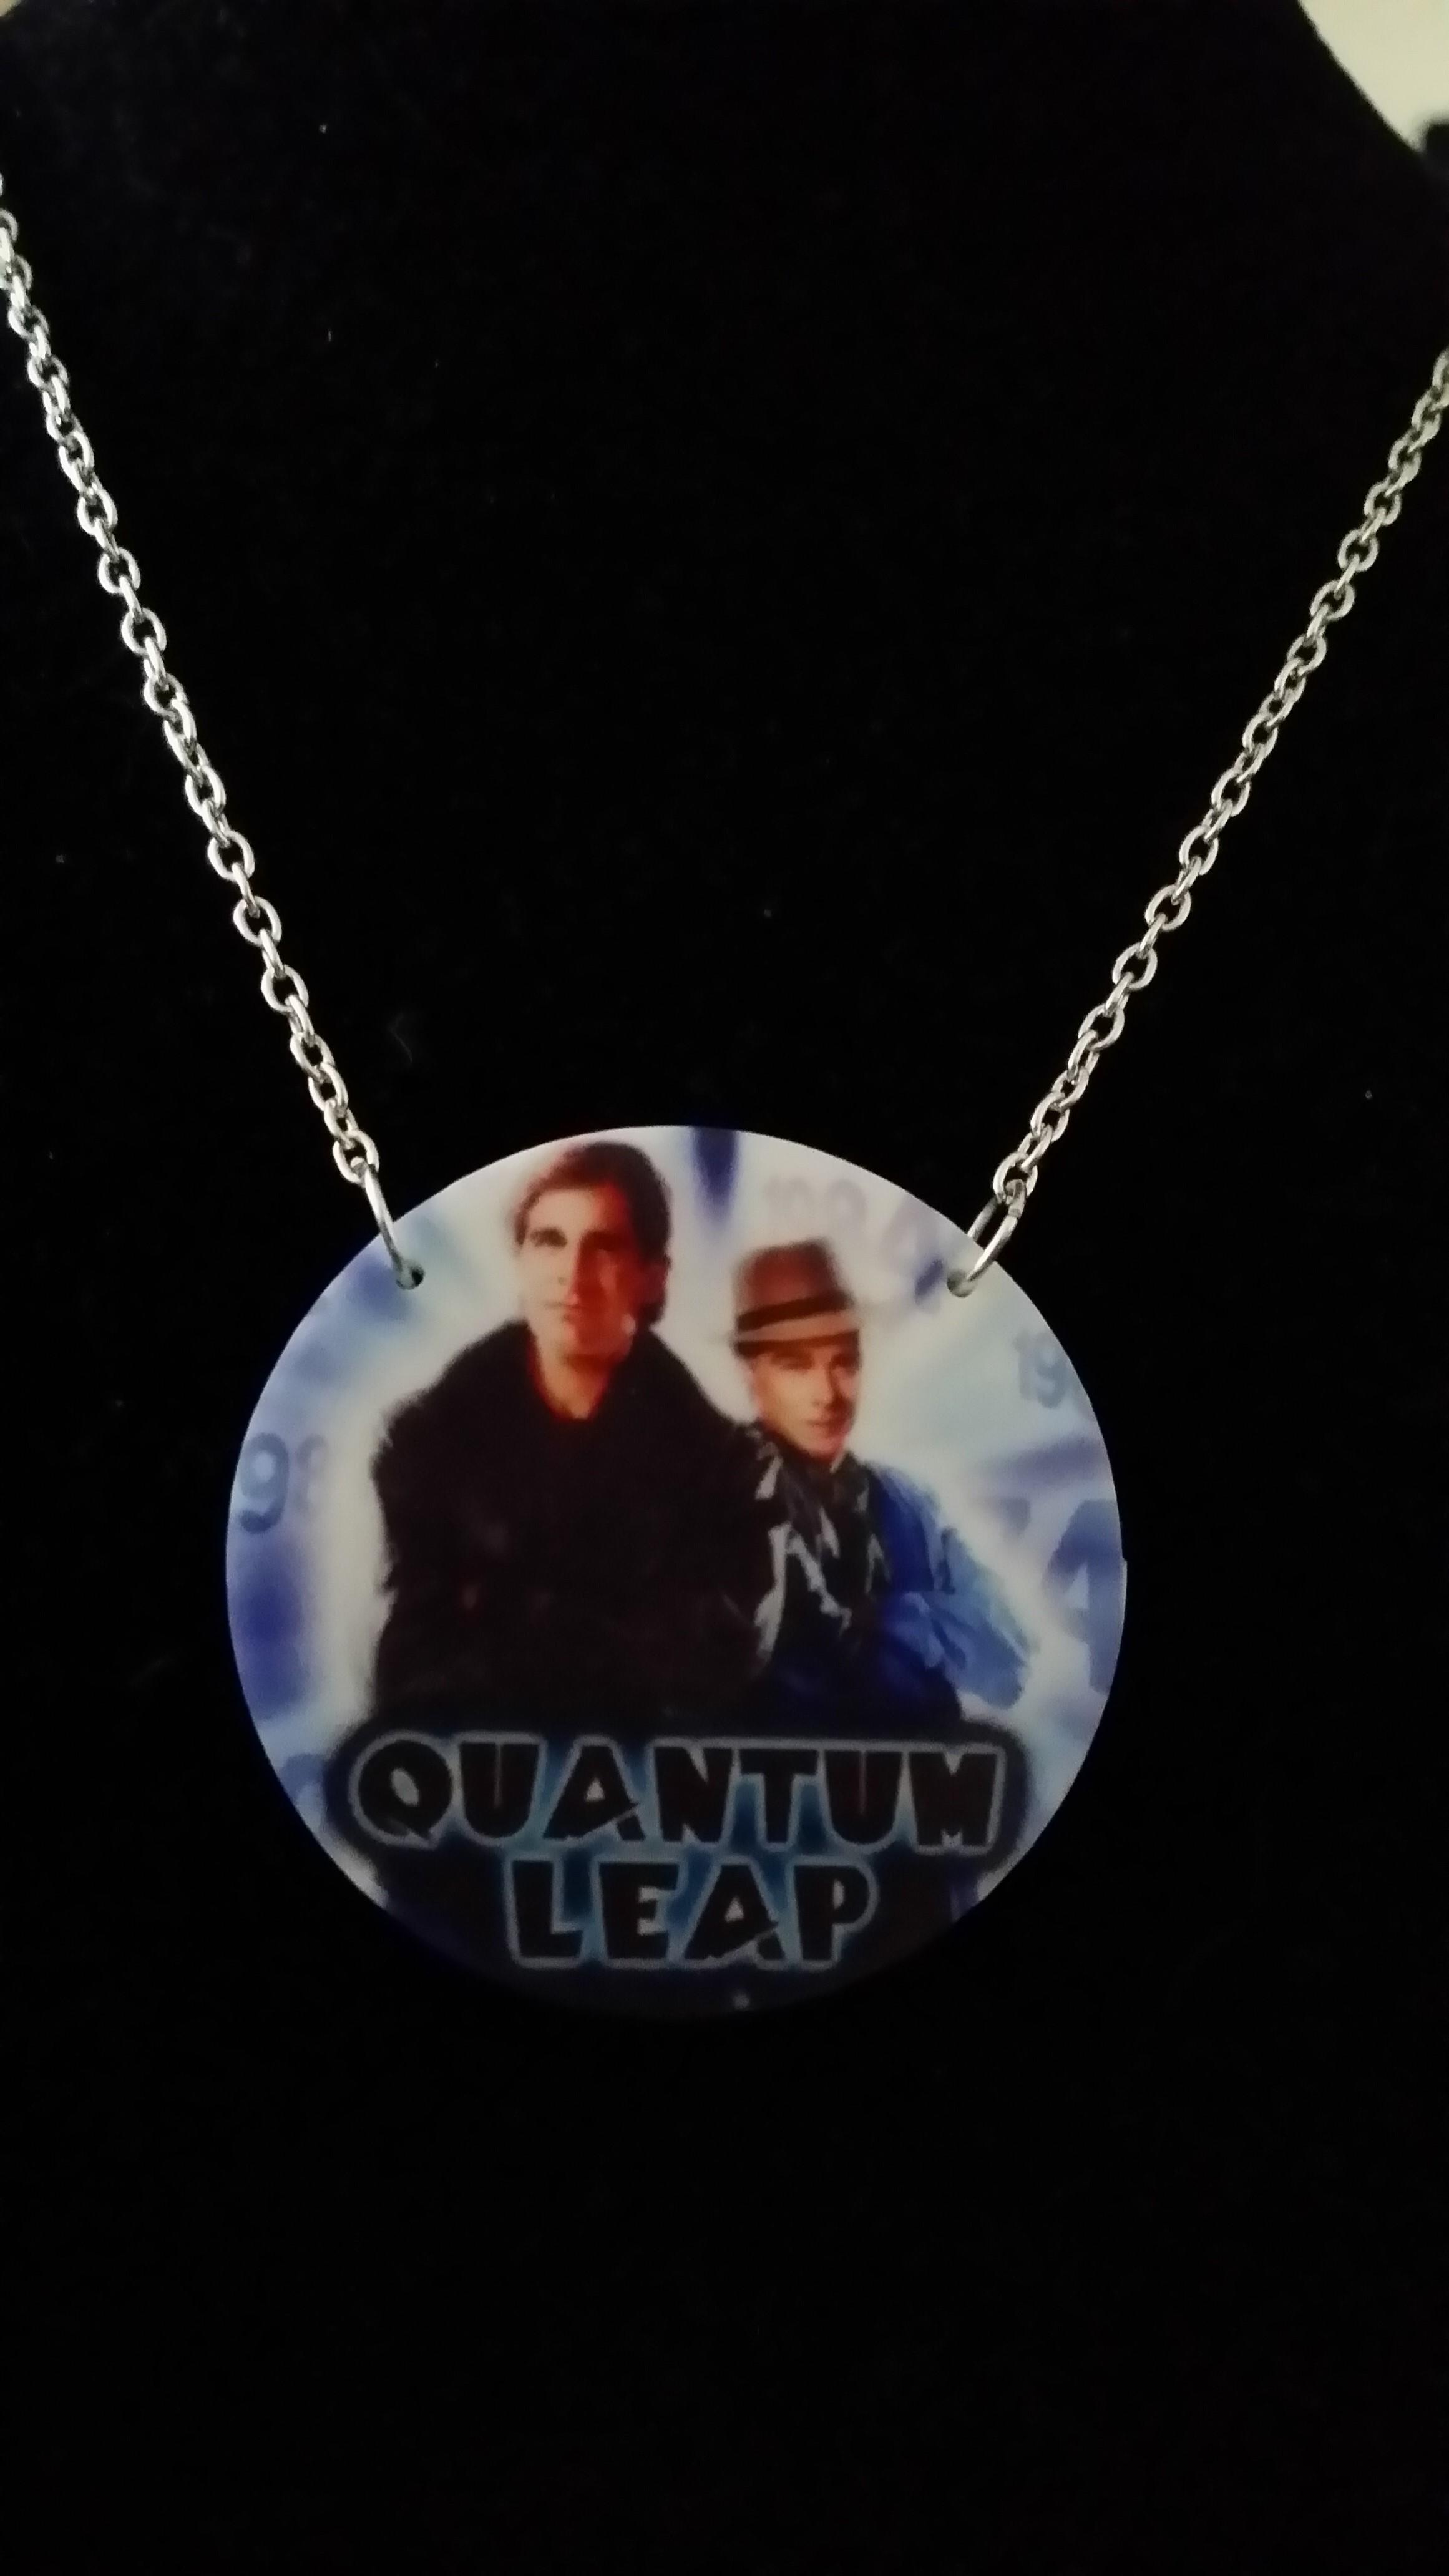 Quantum Leap Necklace